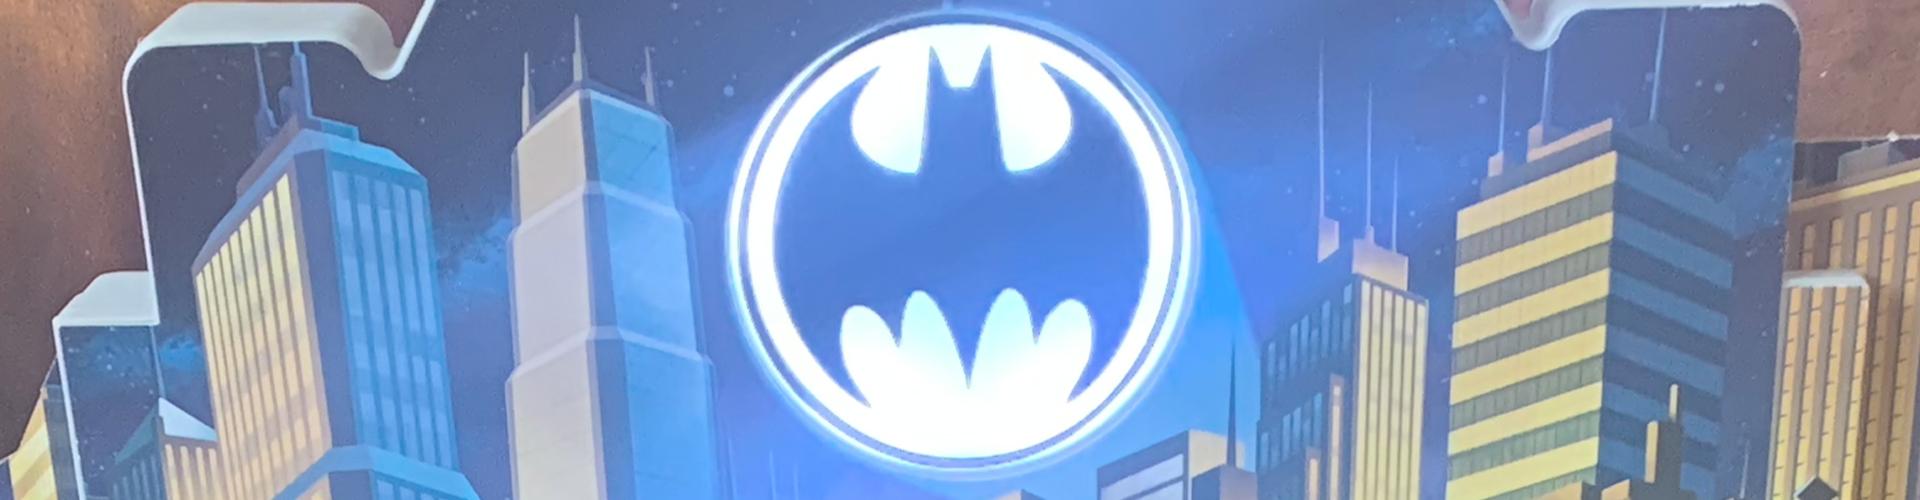 batcave bat signal